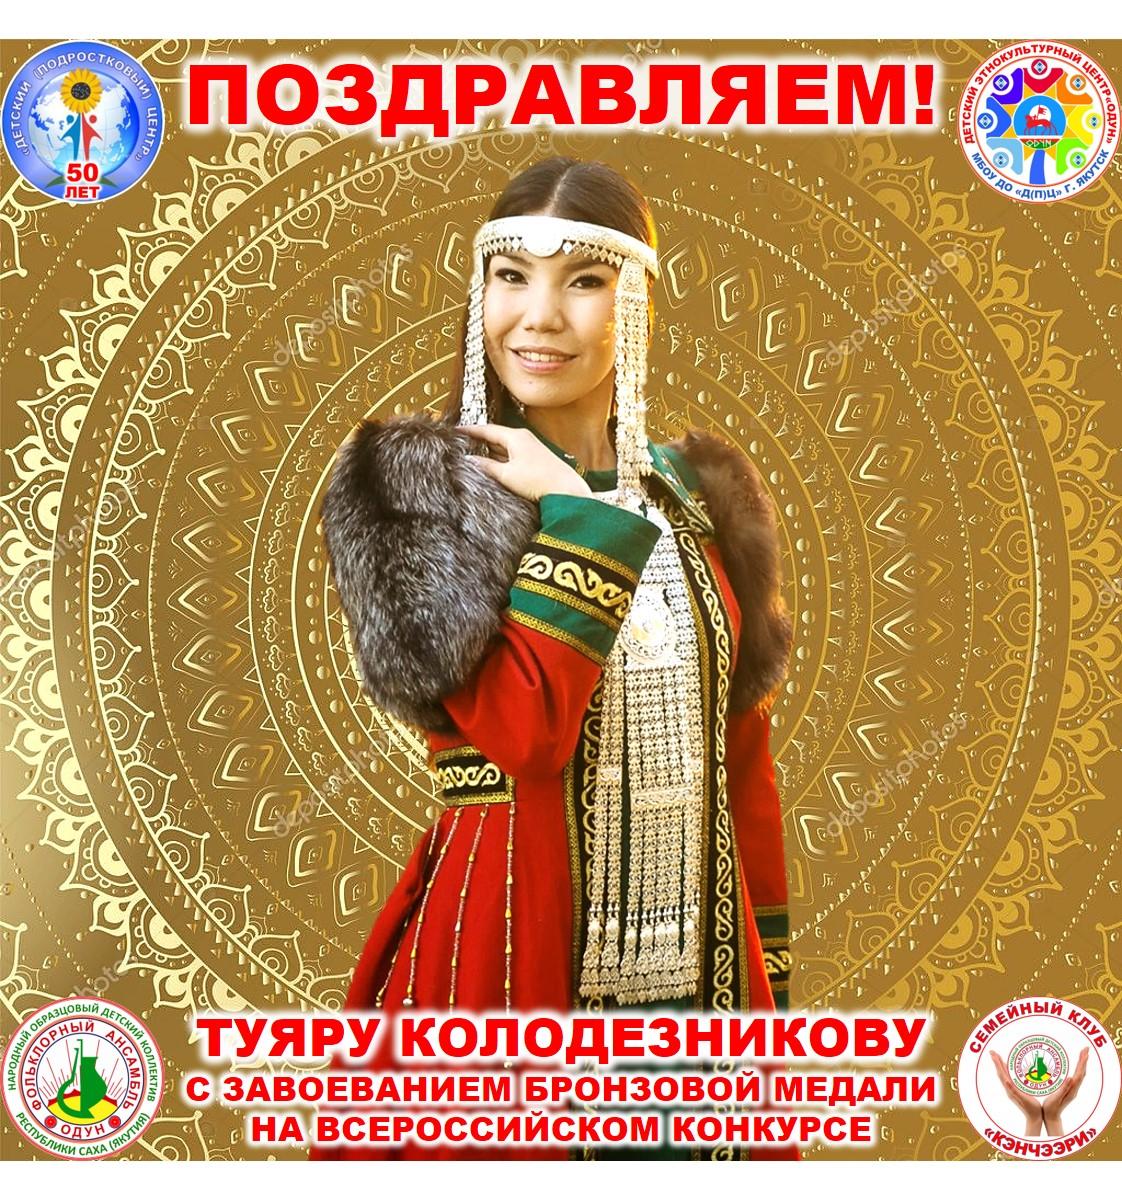 Педагог Детского  центра Якутска стала обладателем бронзовой медали Всероссийского конкурса